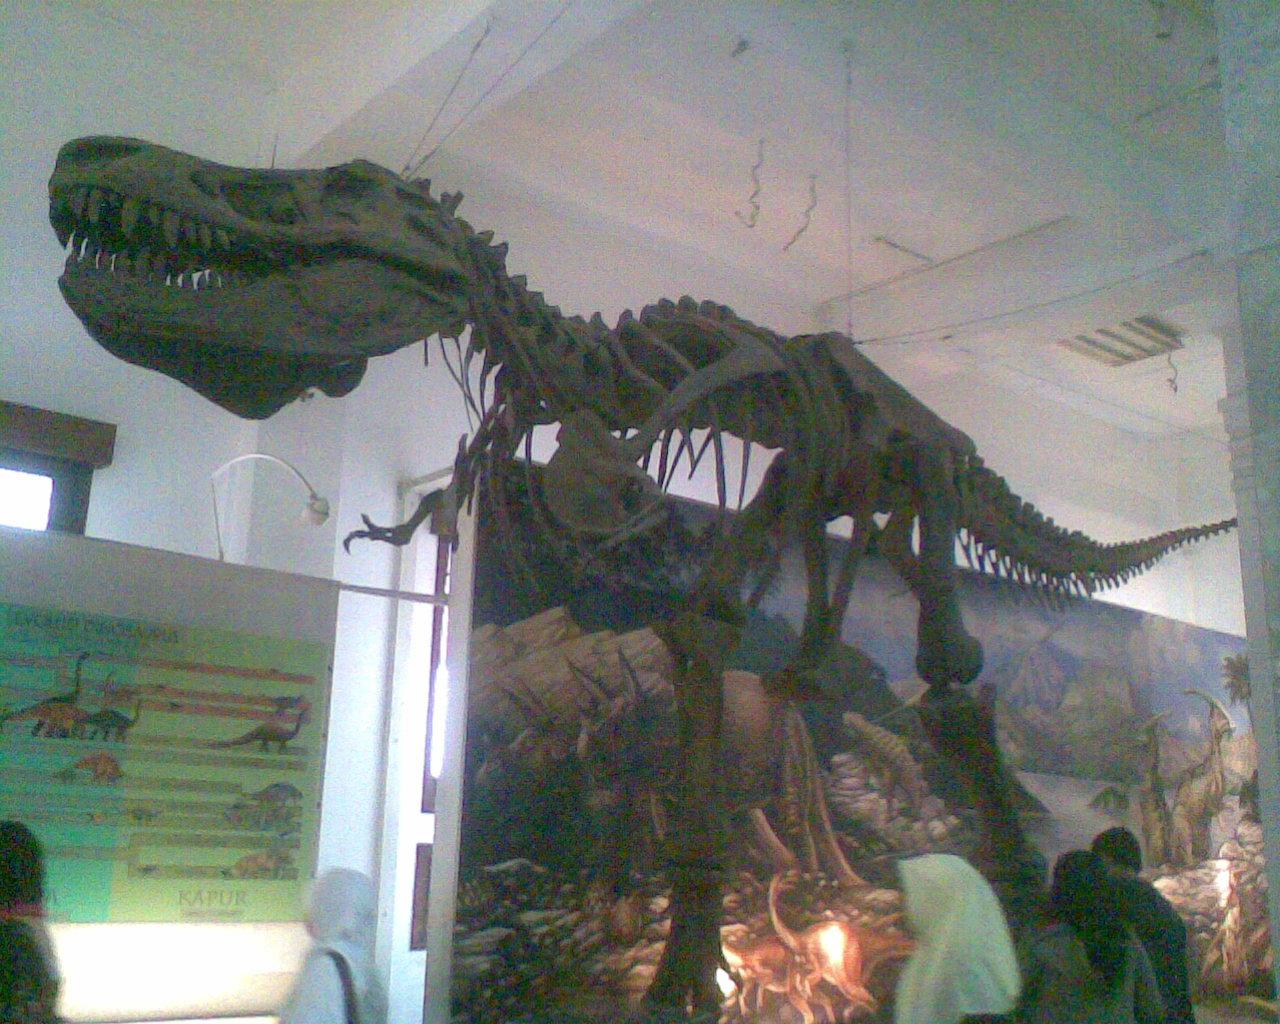 awas ada t-rex!